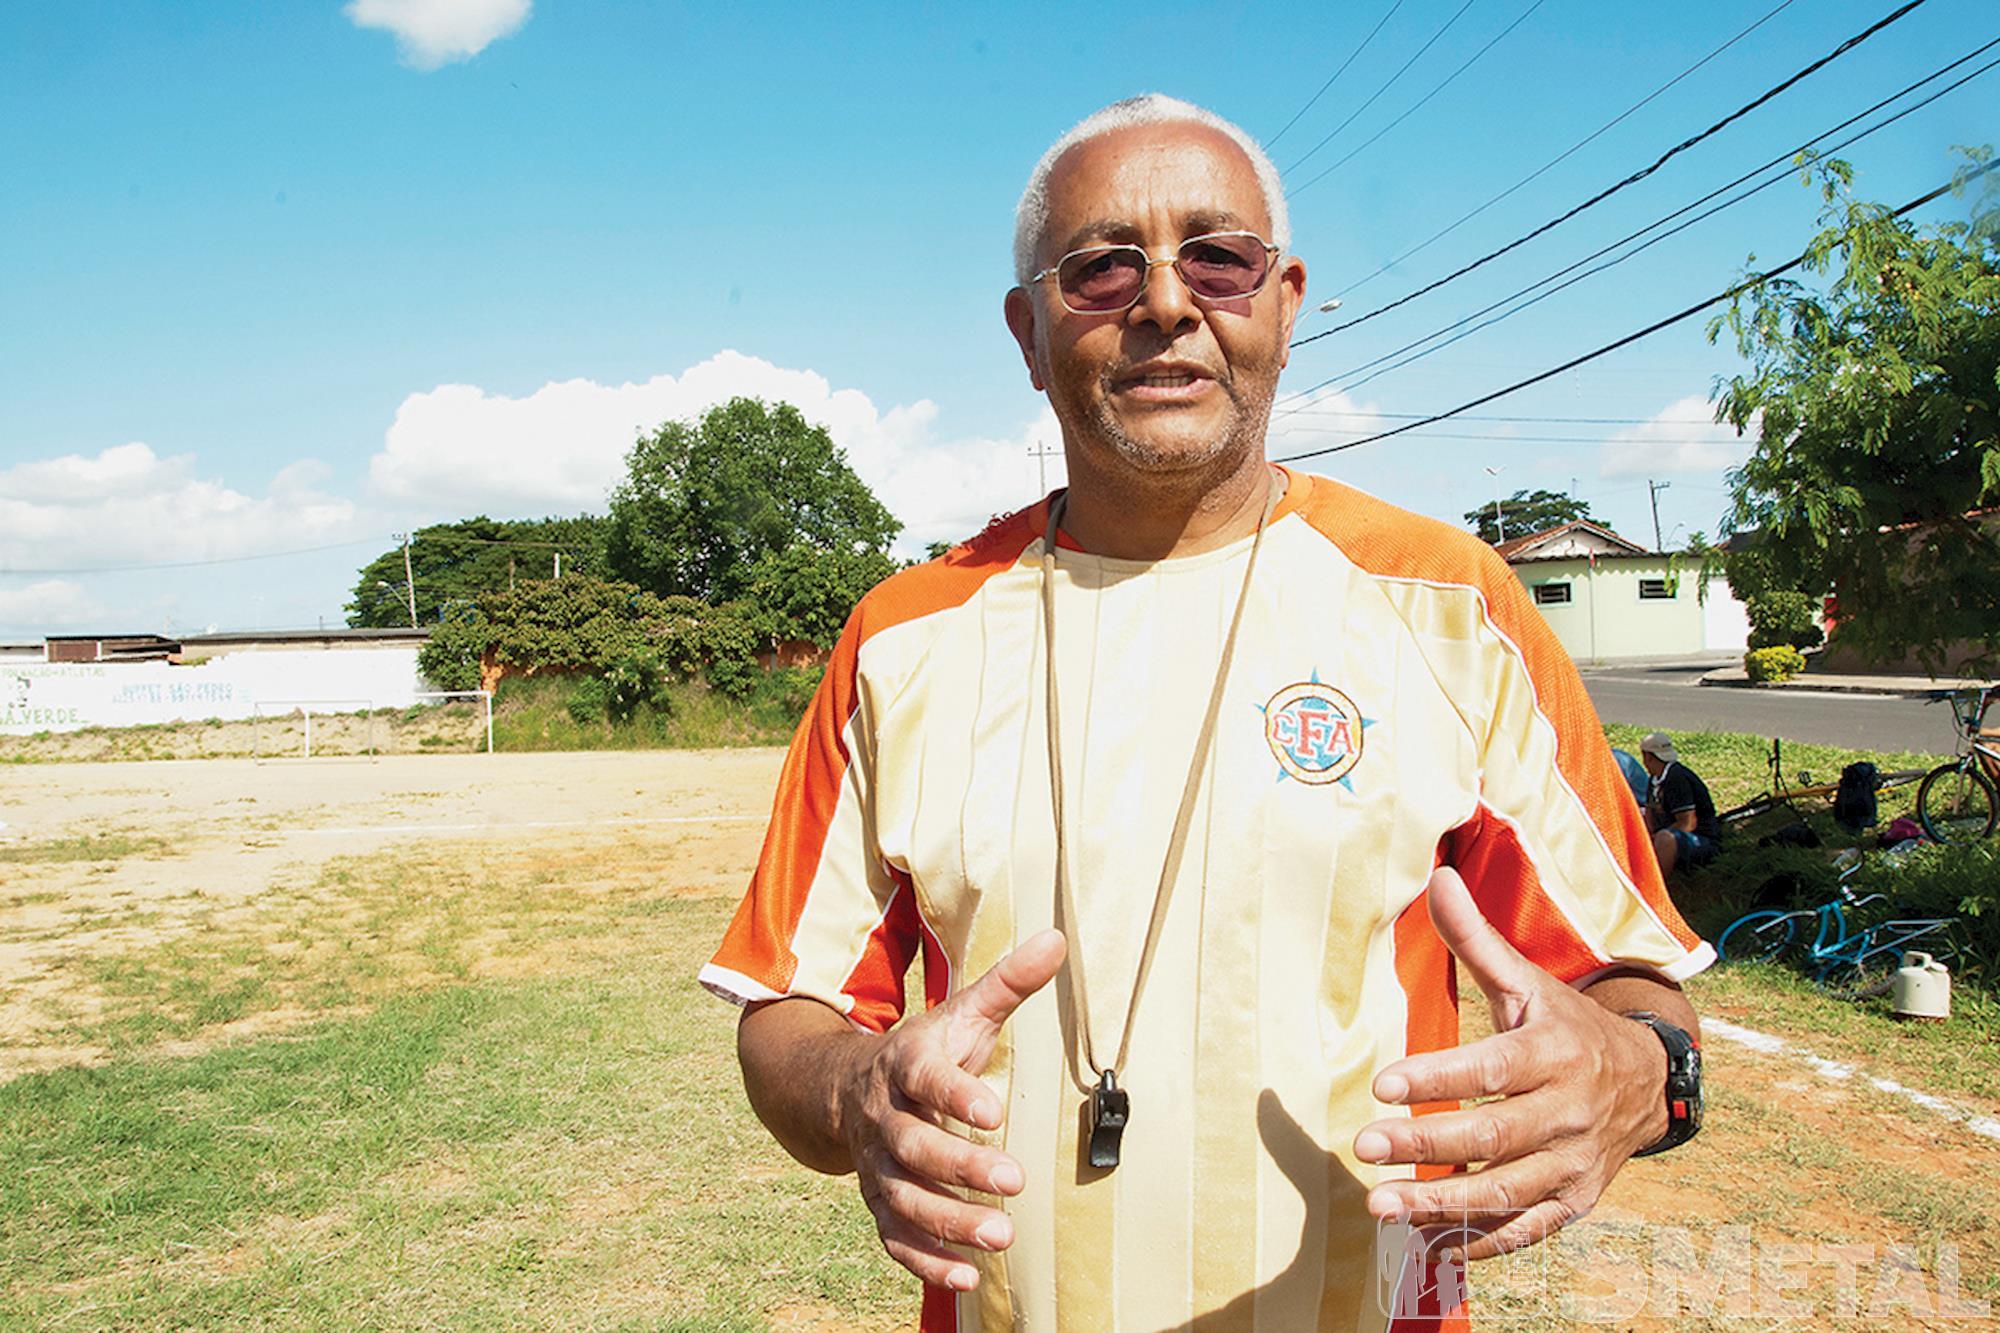 Sérgio é presidente da Associação Dente de Leite e mantém a escolinha gratuita de futebol Casa Verde,  em Aparecidinha, Futebol de base: O futuro quer ser visto agora